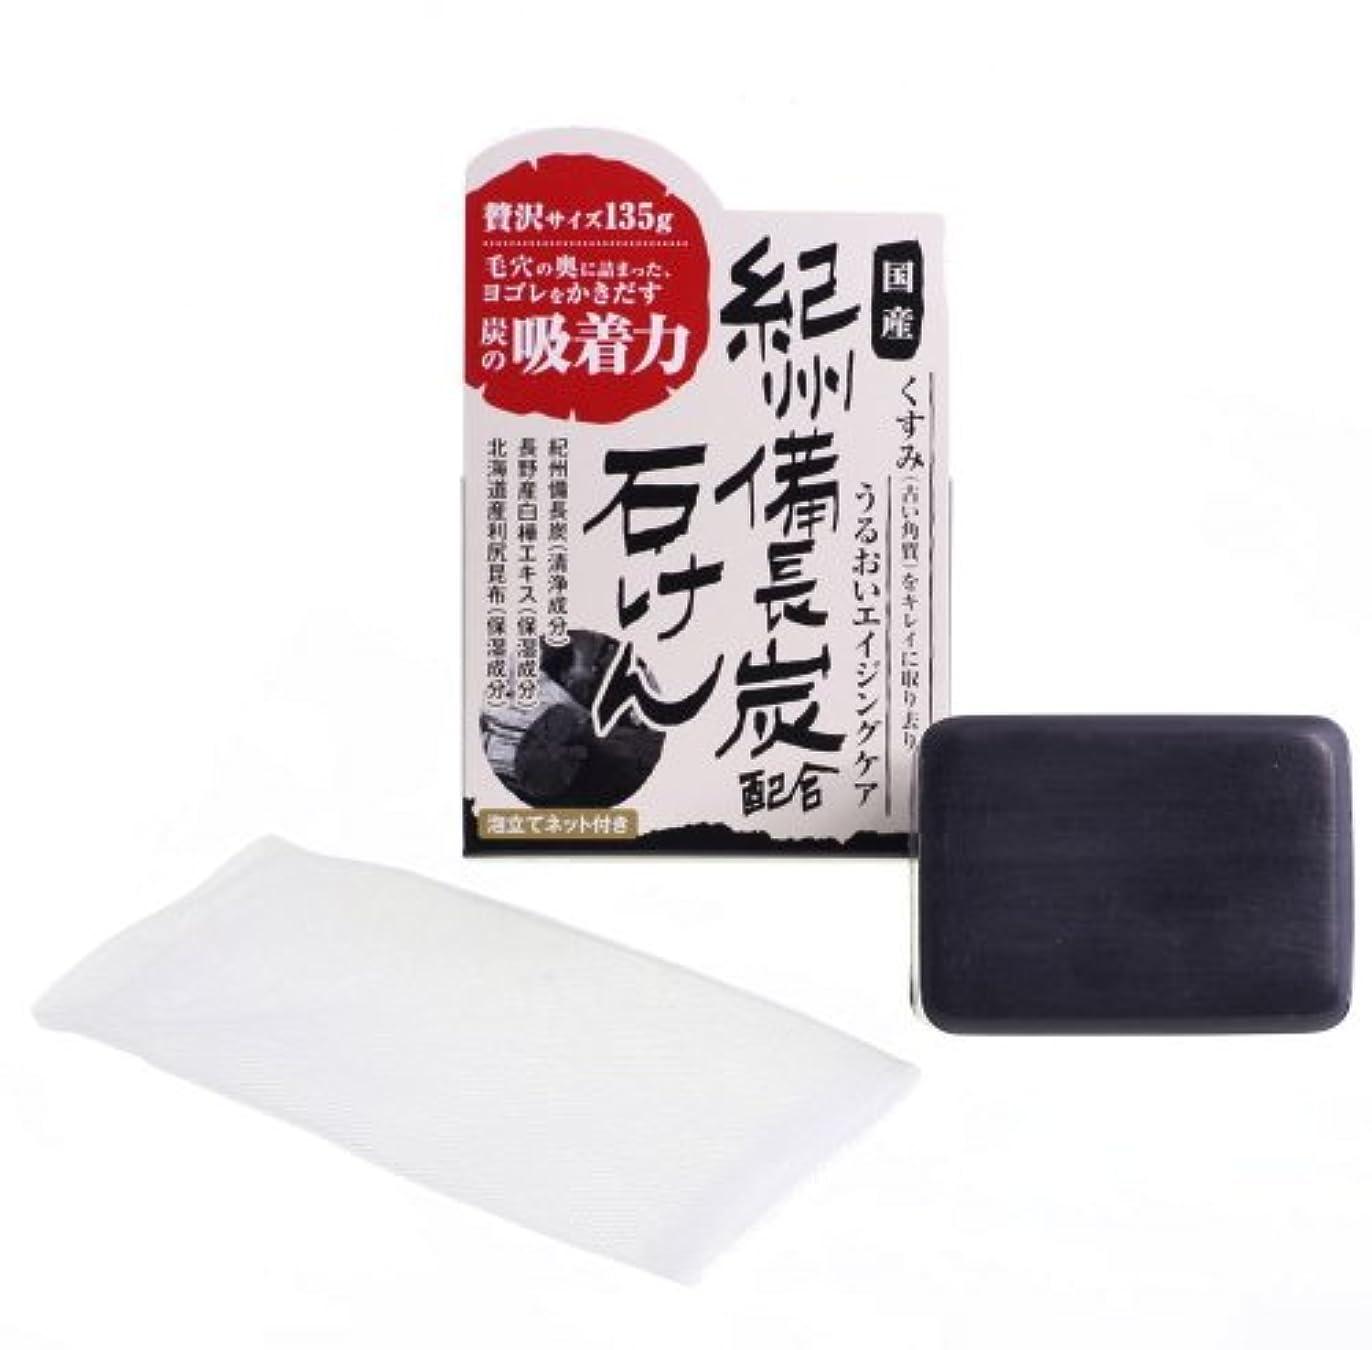 マウスピース滝昇る紀州備長炭配合石鹸 135g x 2個セット